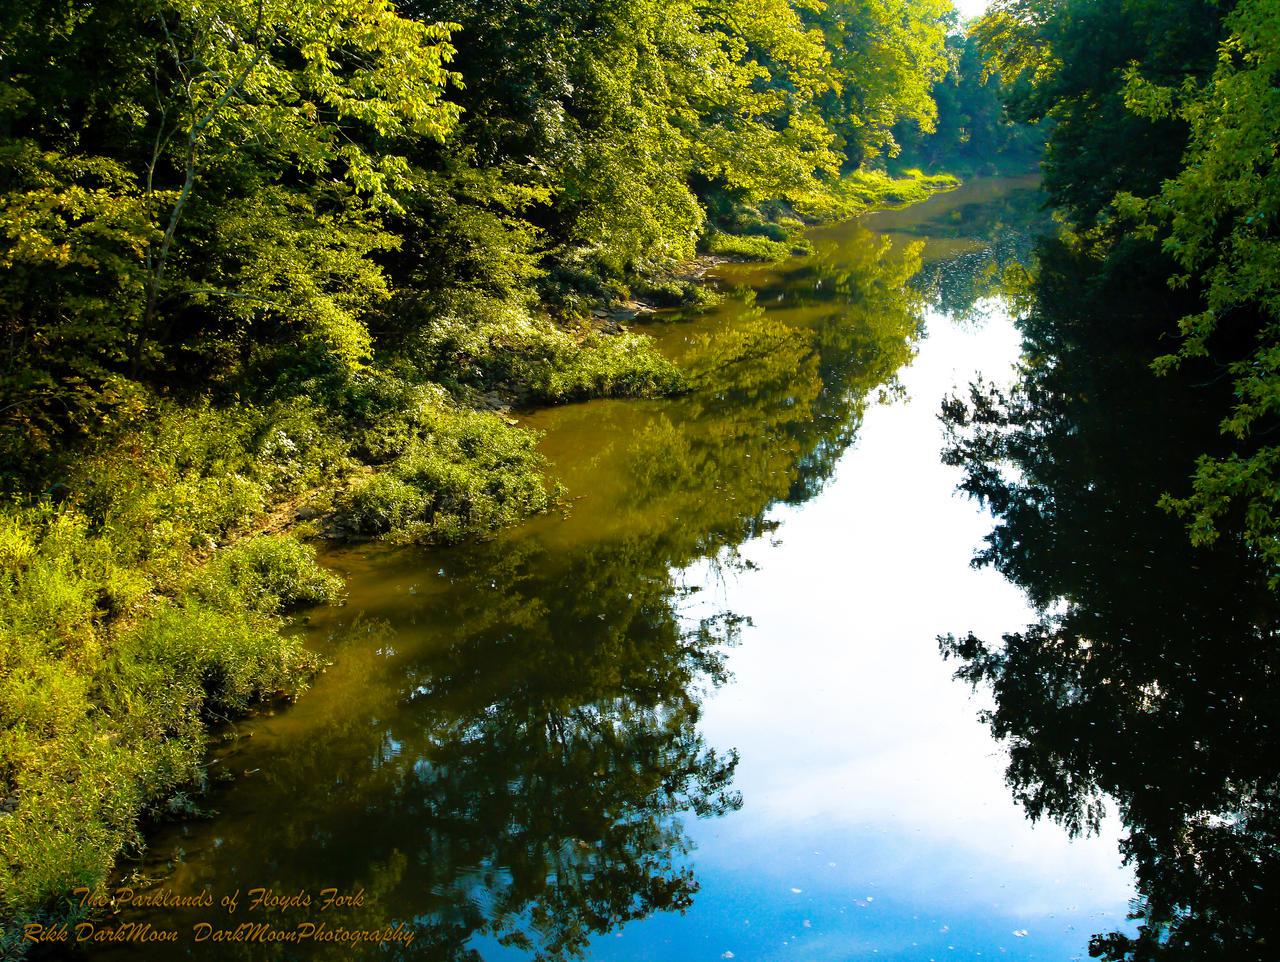 00-TheParklandsofFloydsFork-P1010363-2-WP-Mast by darkmoonphoto